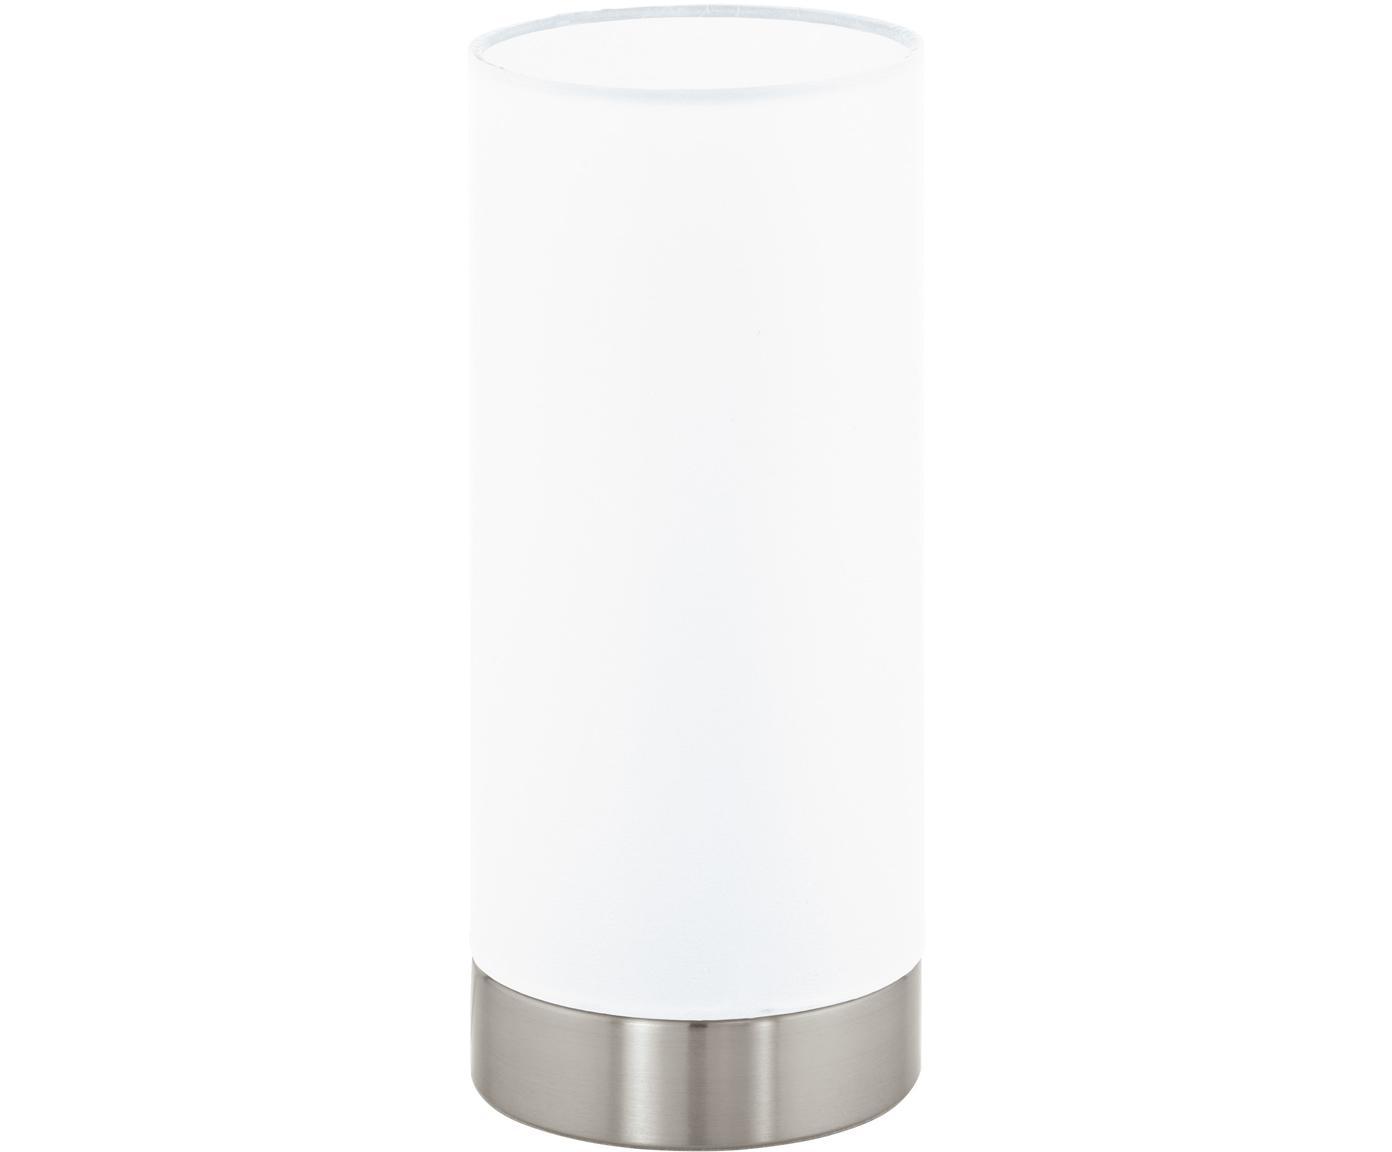 Dimmbare Tischleuchte Pasteri, Lampenschirm: Polyester, Lampenfuß: Stahl, vernickelt, Weiß, Nickel, Ø 12 x H 26 cm